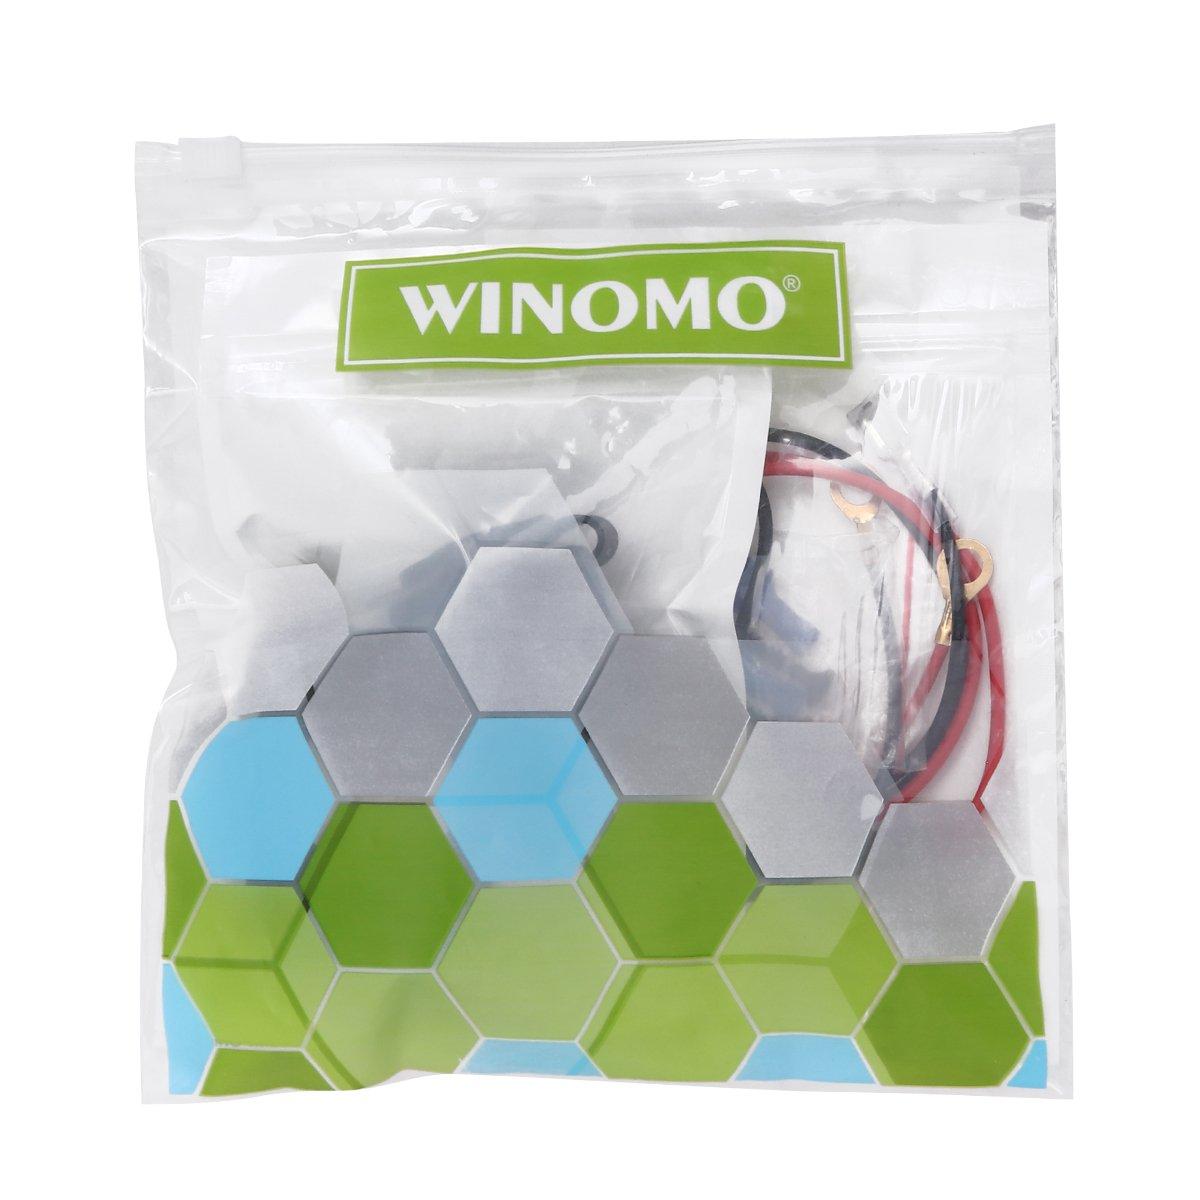 WINOMO Kit /étanche 12V-24V pour bateaux /à moteur